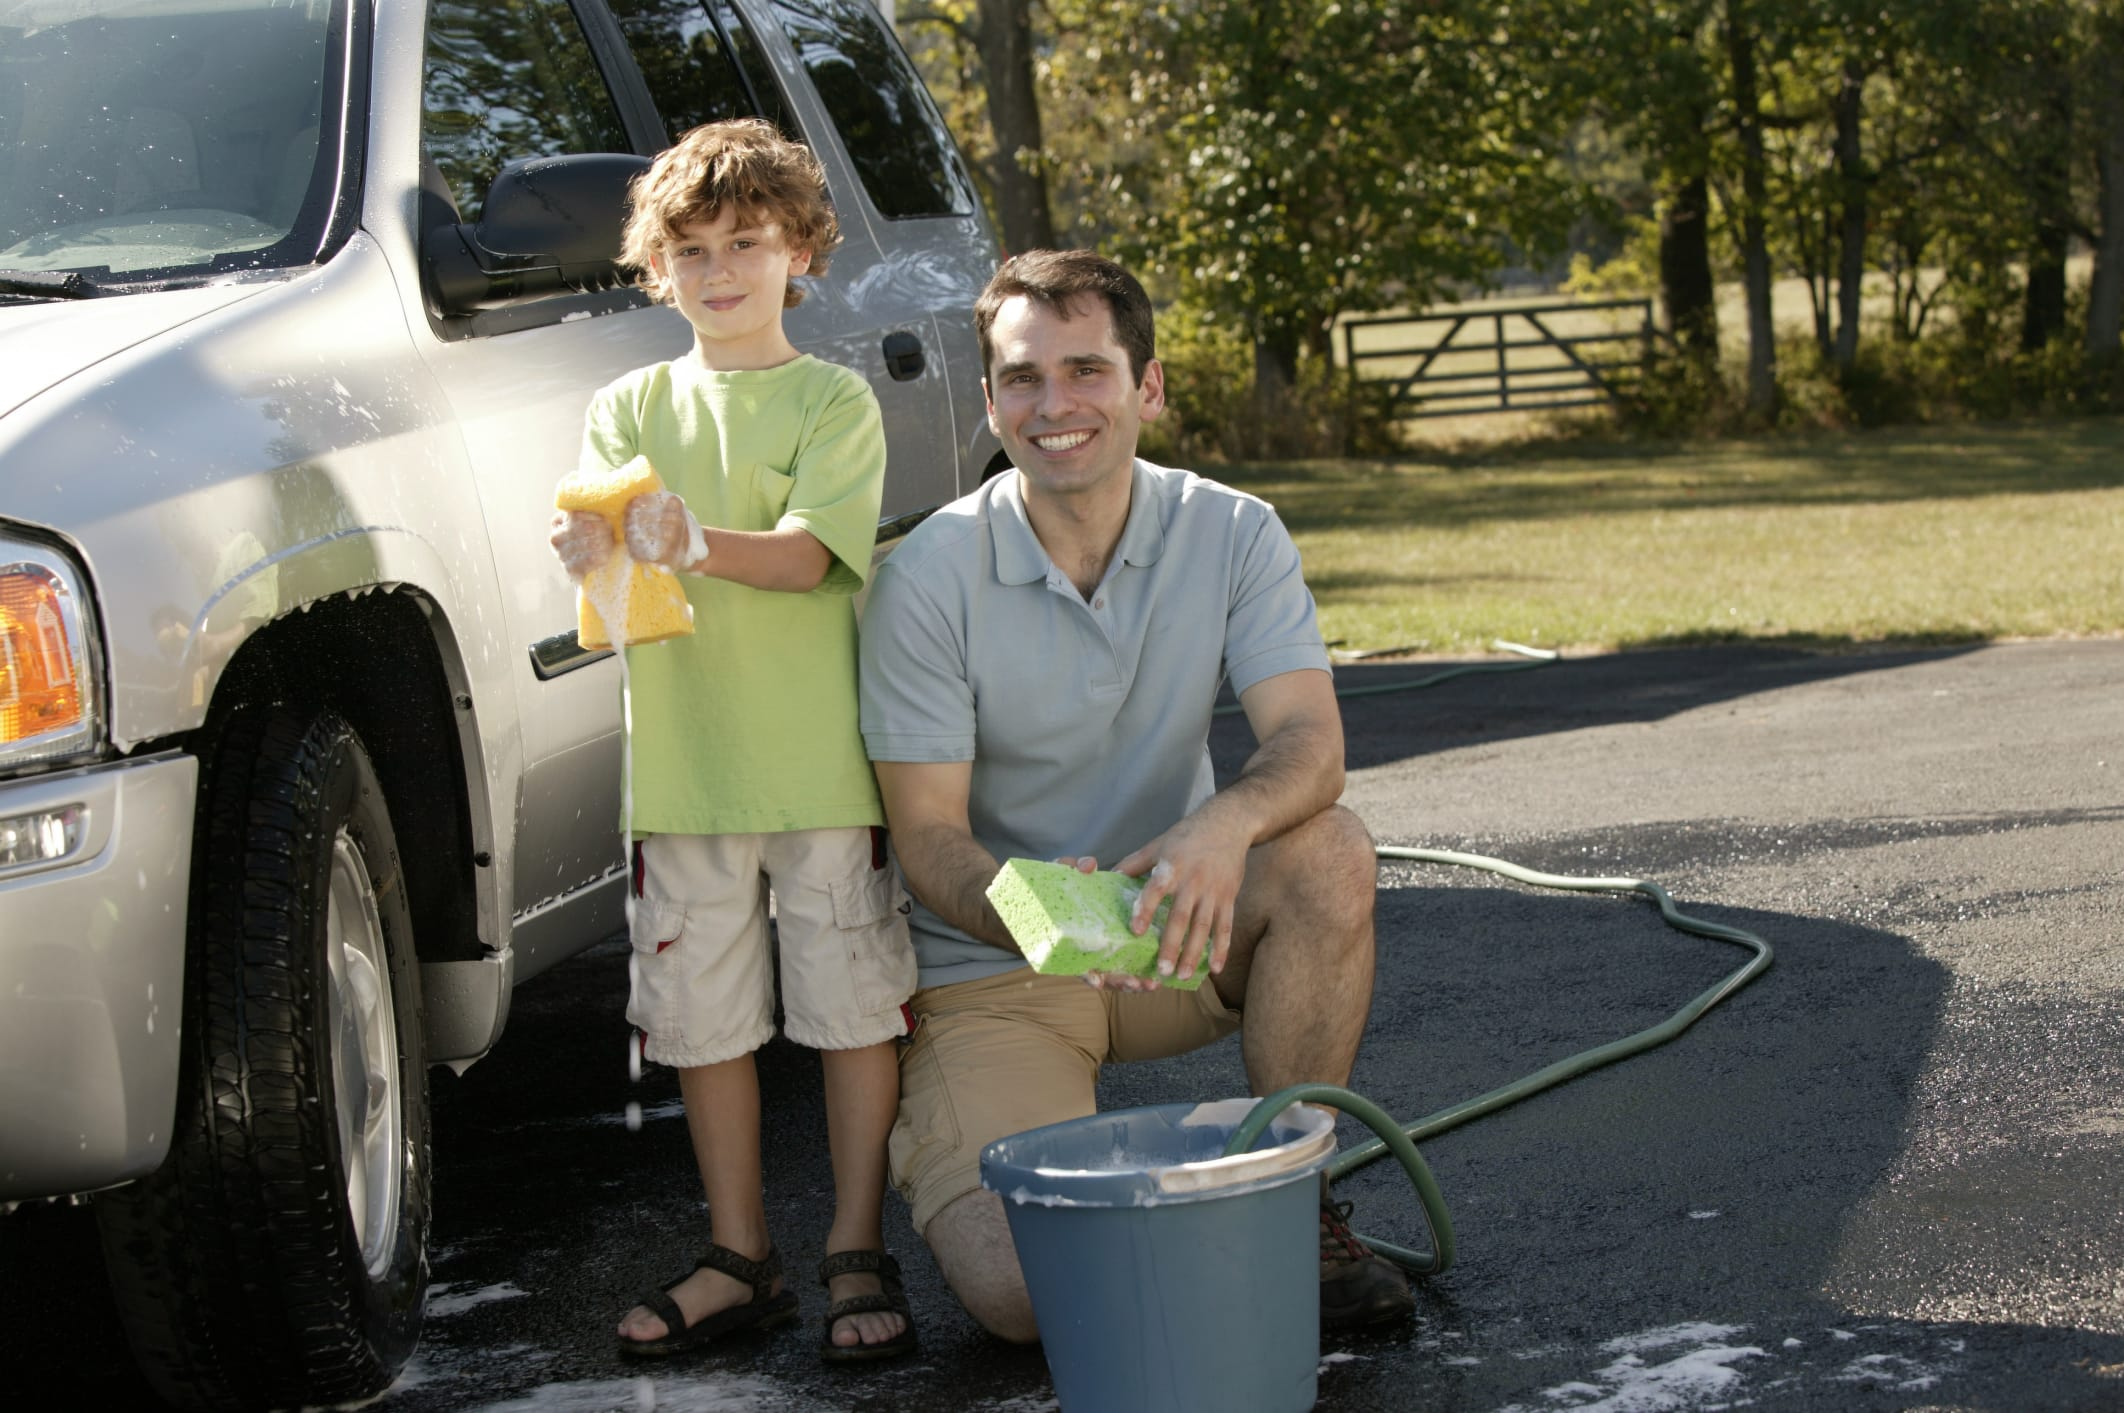 Detersivo fai da te per auto: i consigli utili per una pulizia efficace ed ecologica